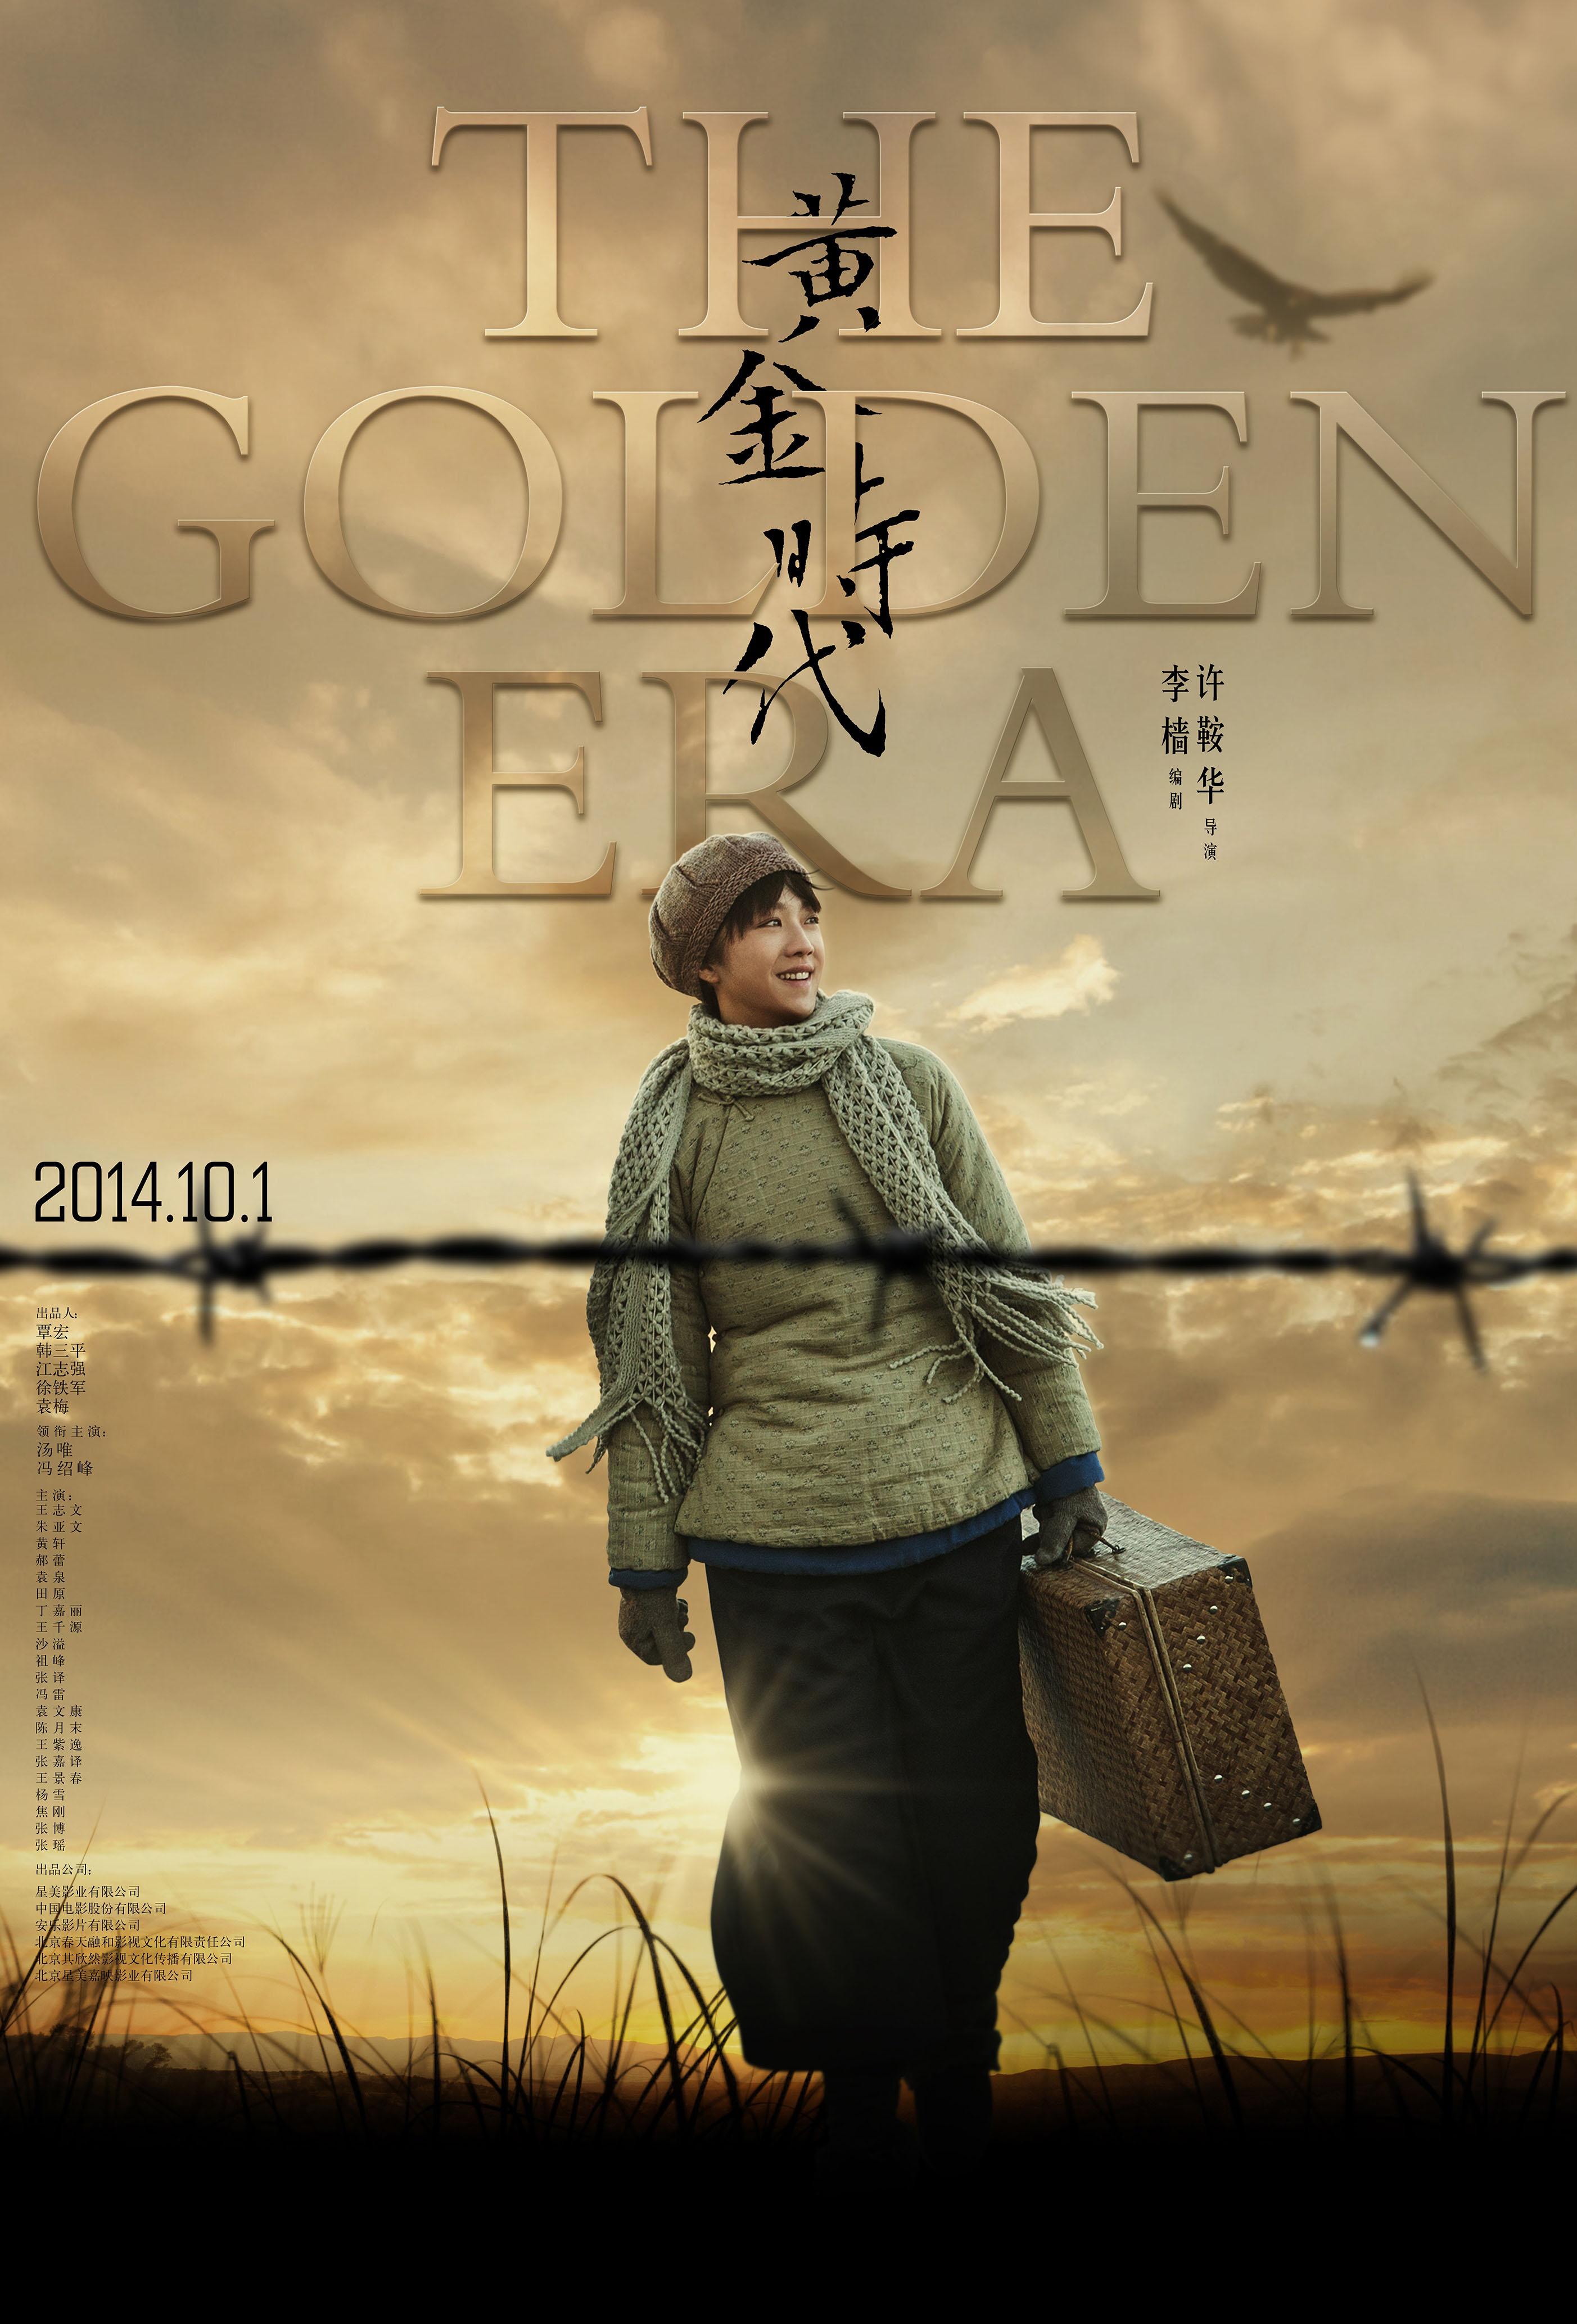 The Golden Era: nuovo poster ufficiale internazionale